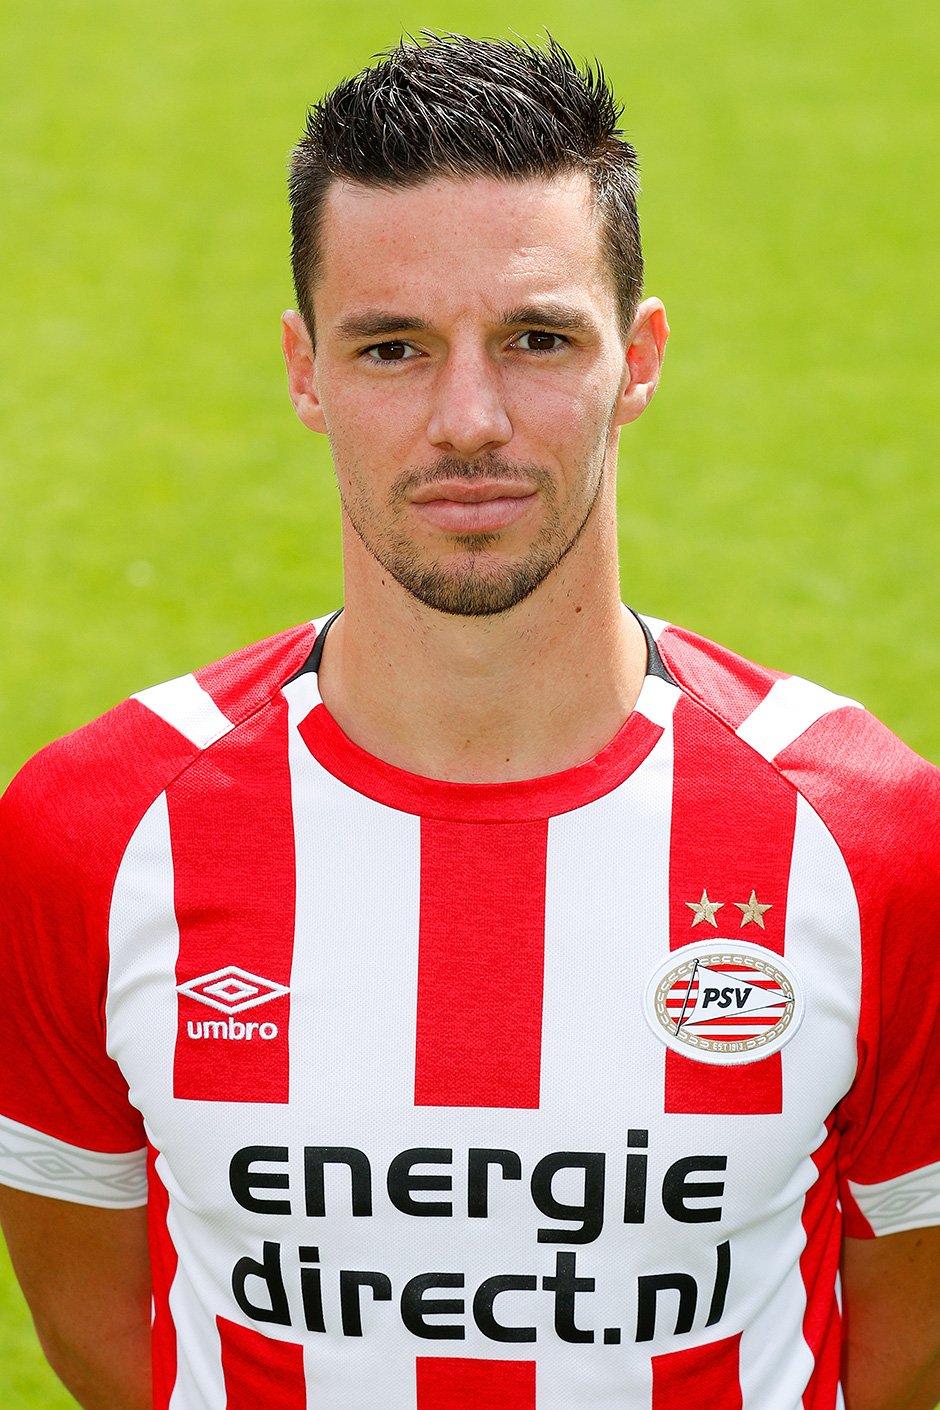 PSV.nl - Nick Viergever